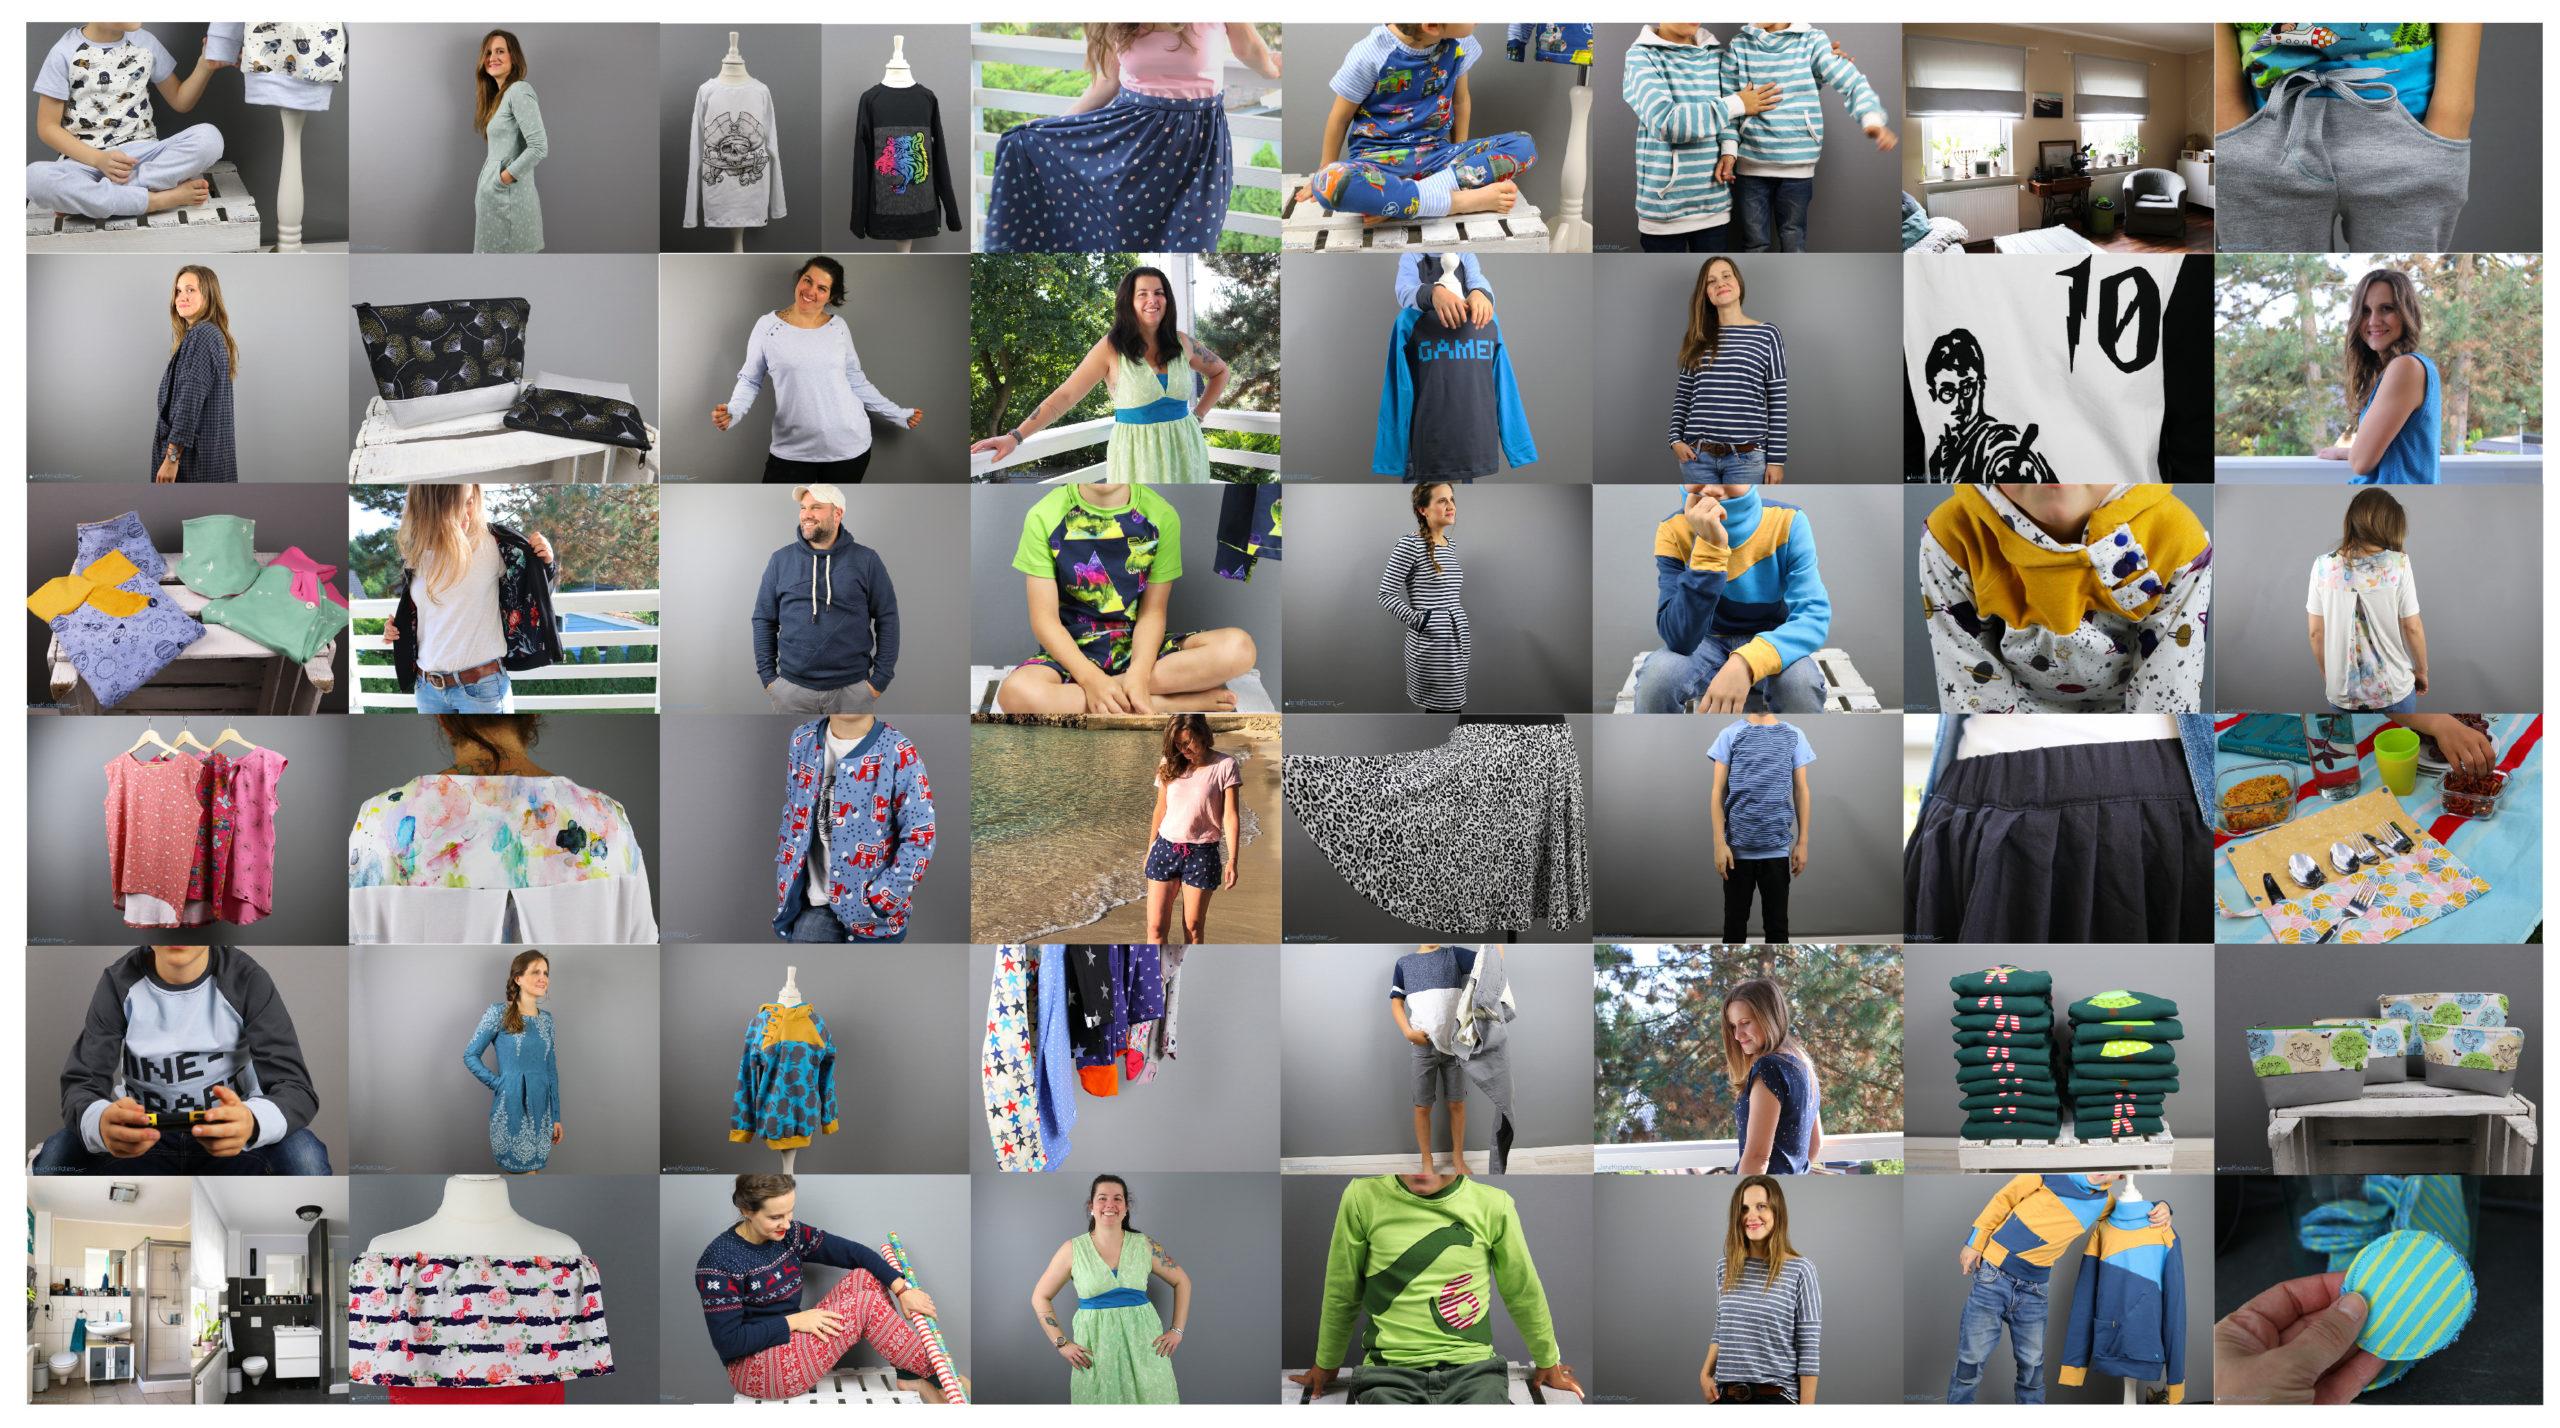 Jahresrückblick 2019 - Nähwerke eines Jahres auf dem Nähblog JanaKnöpfchen - Nähen für Jungs